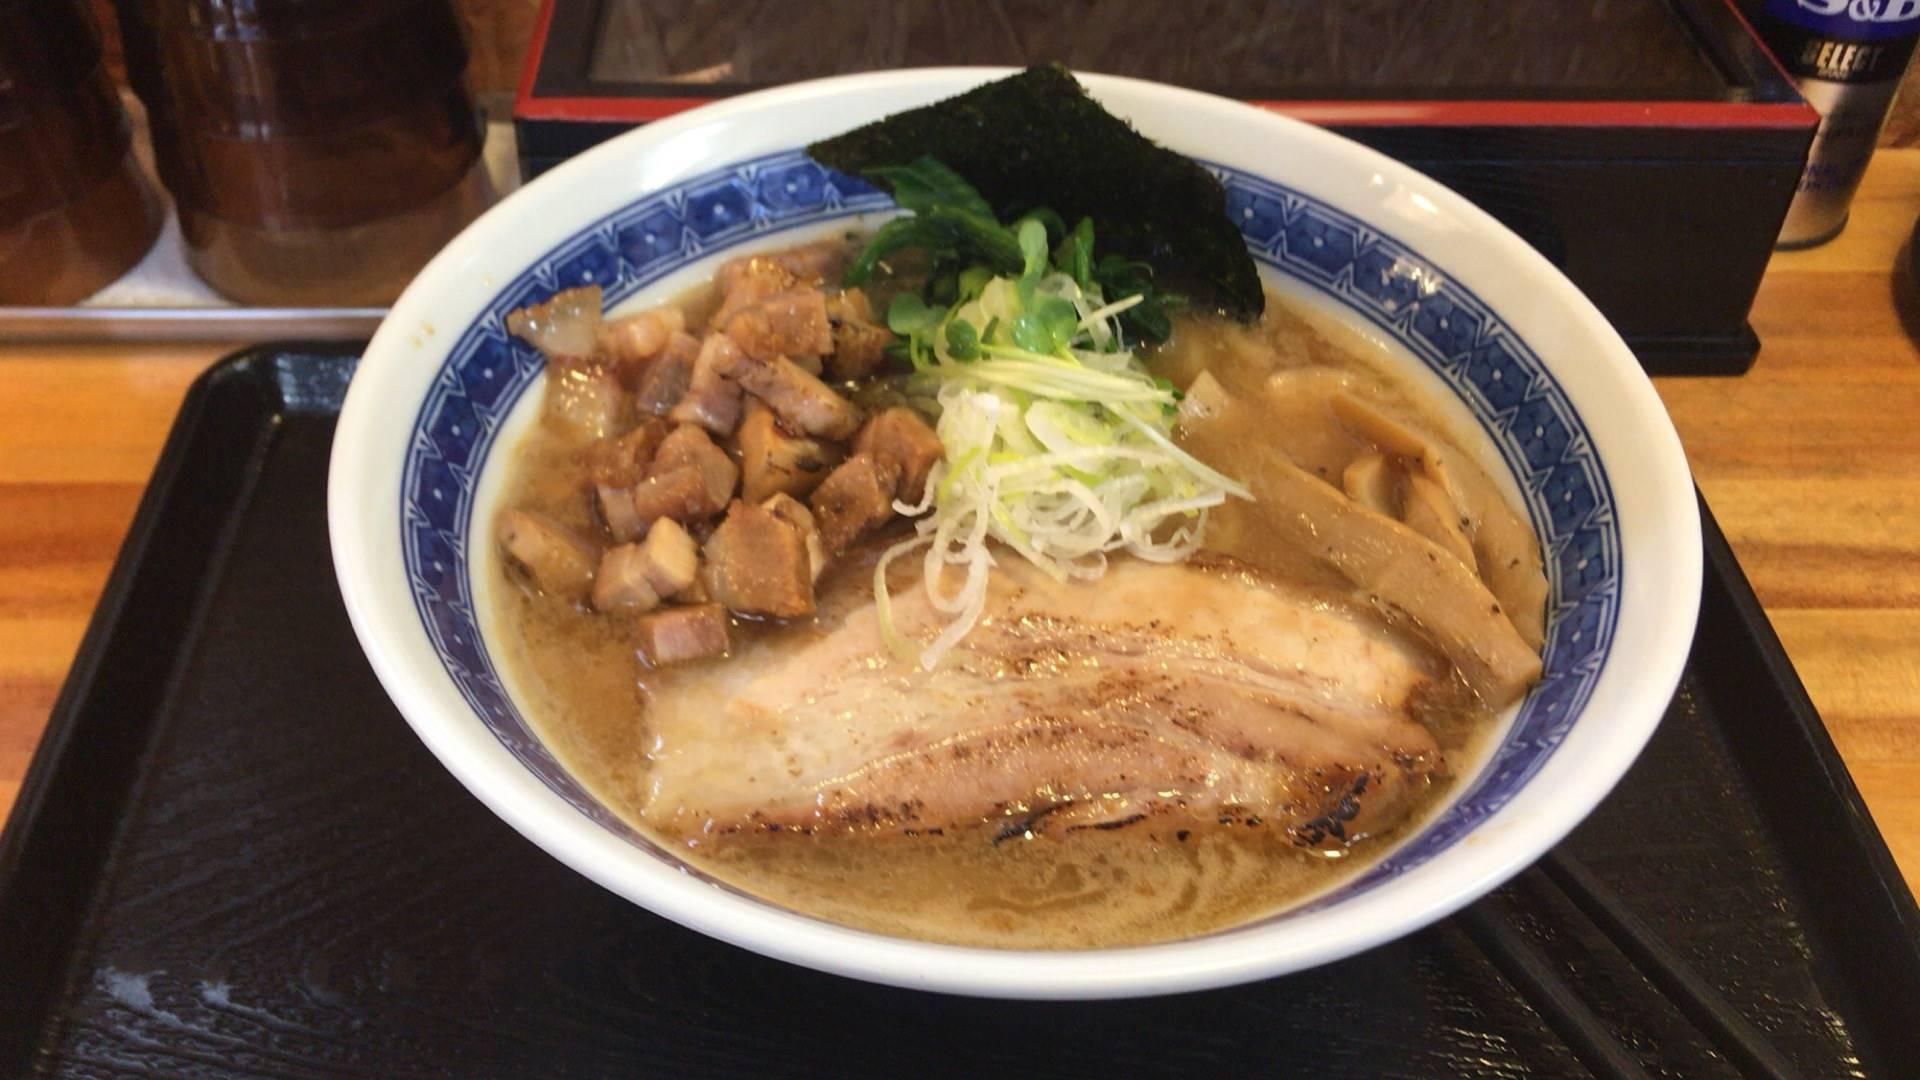 濃厚魚介鶏らーめん800円と、くずチャーシュー100円「麺屋 頂 中川會」